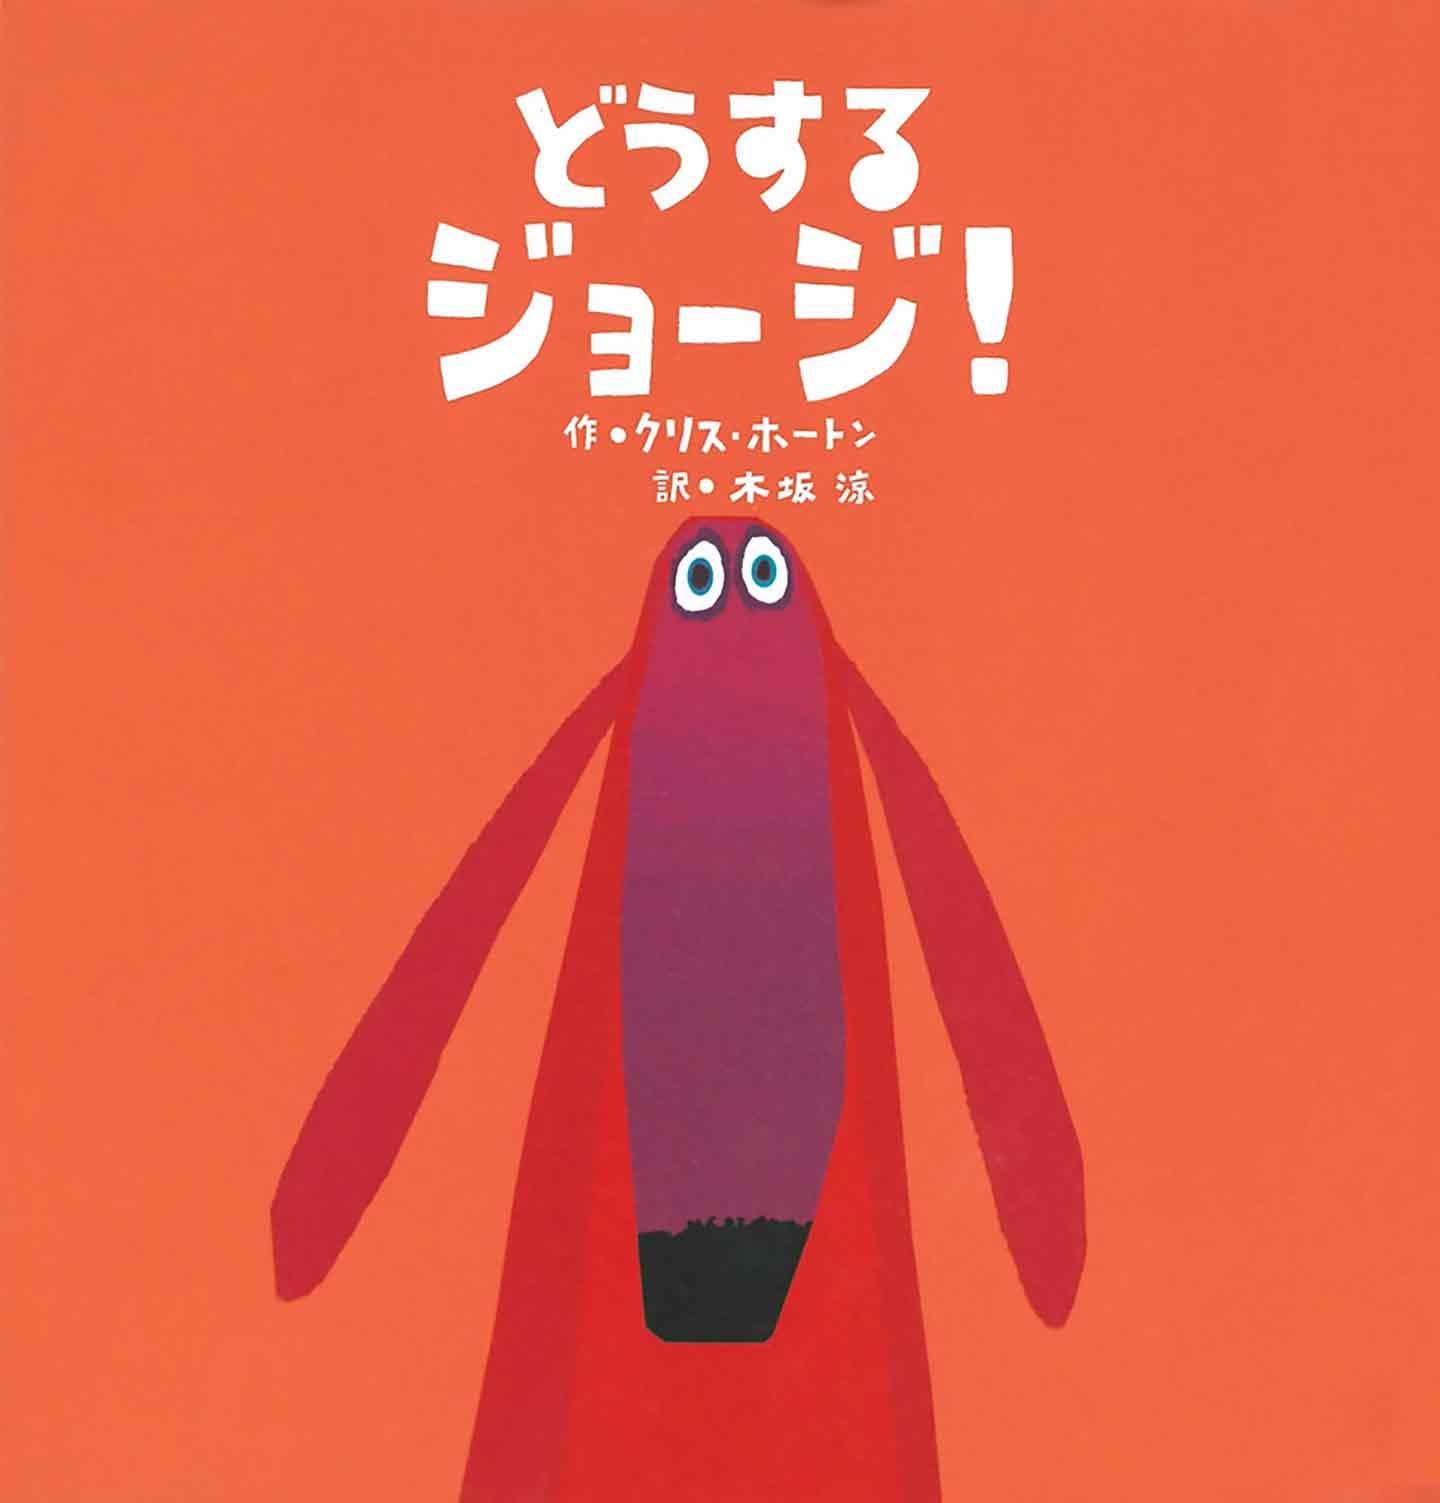 犬の絵本 『どうする ジョージ!』クリス・ホートン (作),木坂 涼 (訳)BL出版